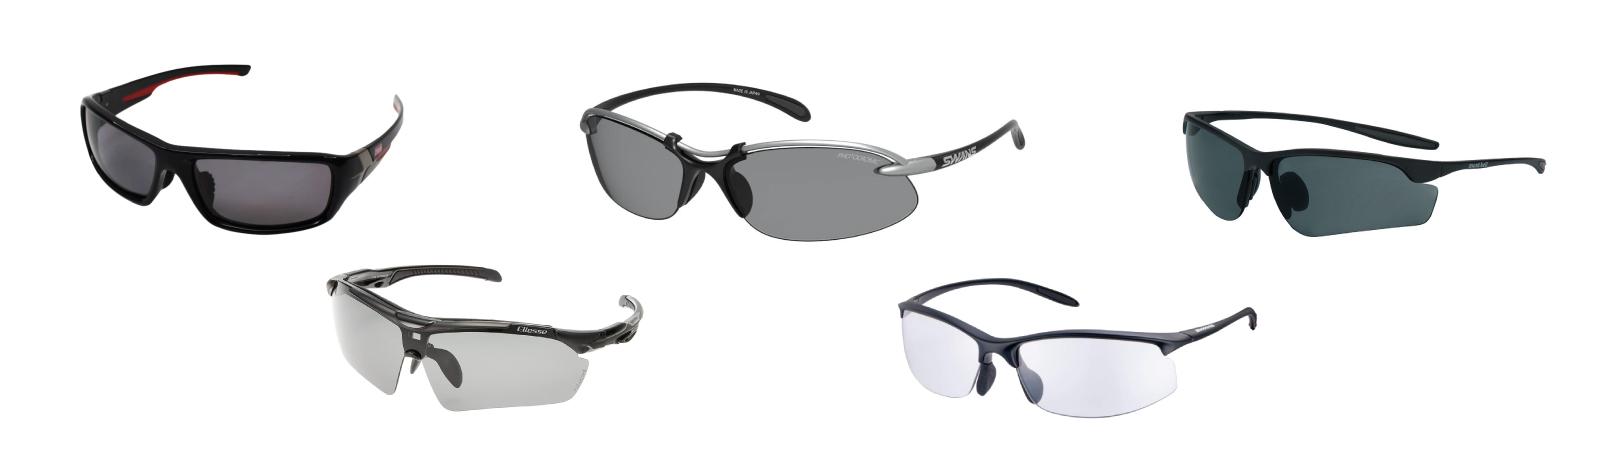 ウォーキング・トレッキング用のサングラスおすすめリスト(1万円以下)